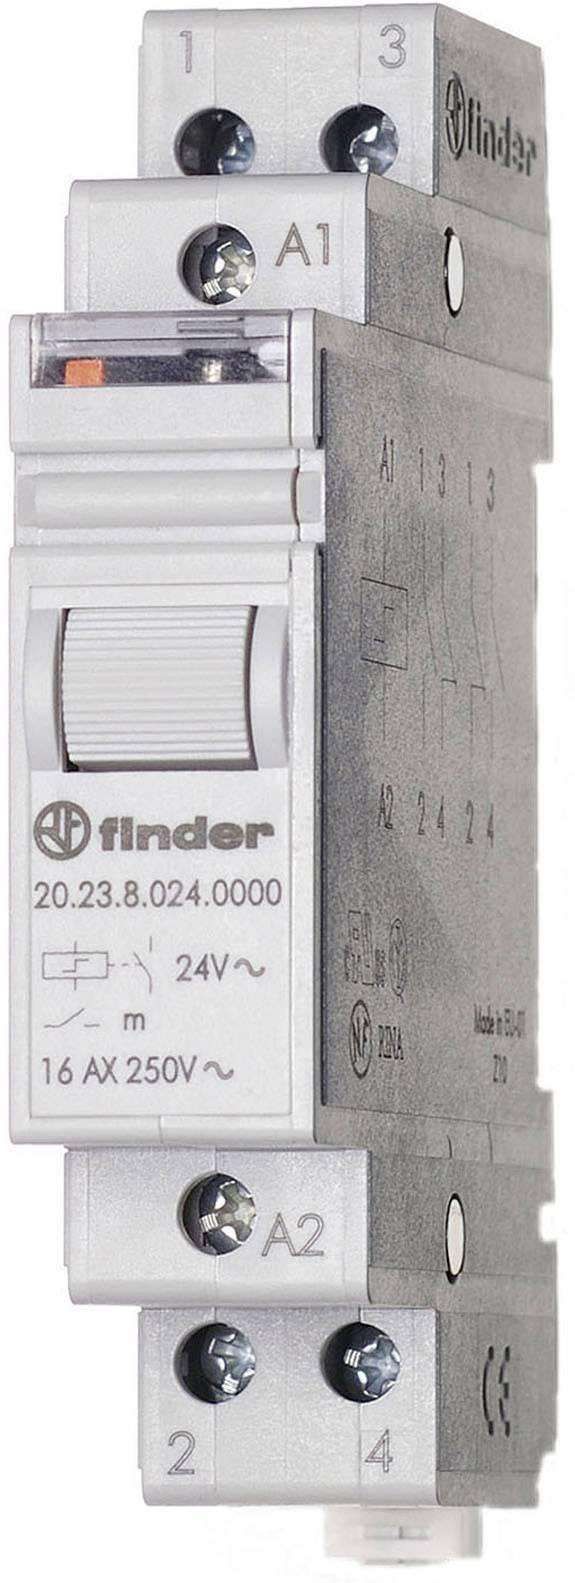 Impulsní spínač Finder 20.23.8.230.4000, 1 spínací kontakt, 1 rozpínací kontakt, 230 V/AC, 16 A, 4000 VA